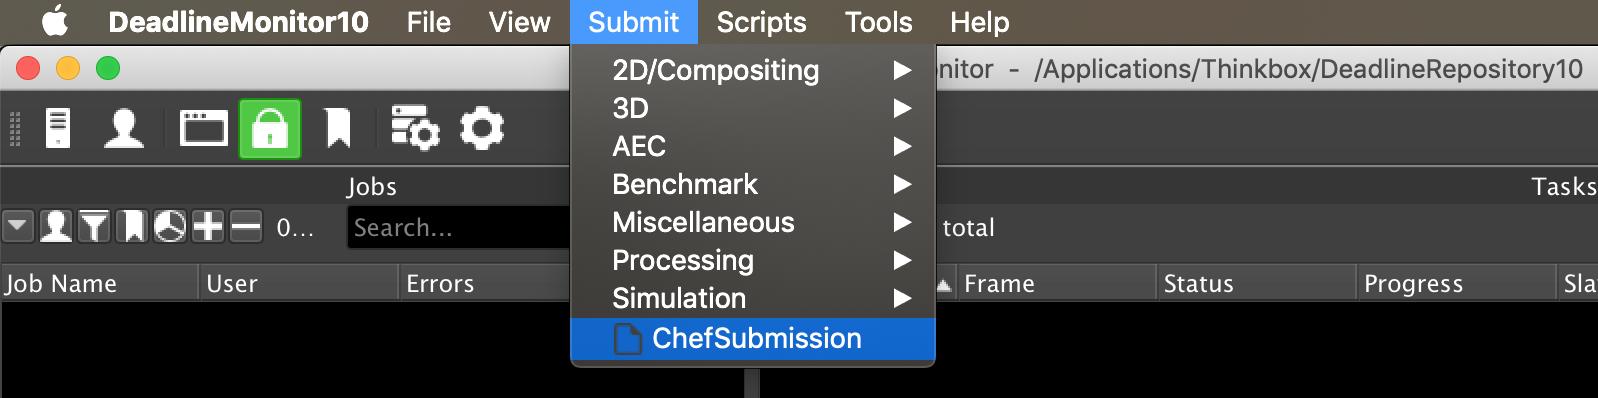 script menu inbetween